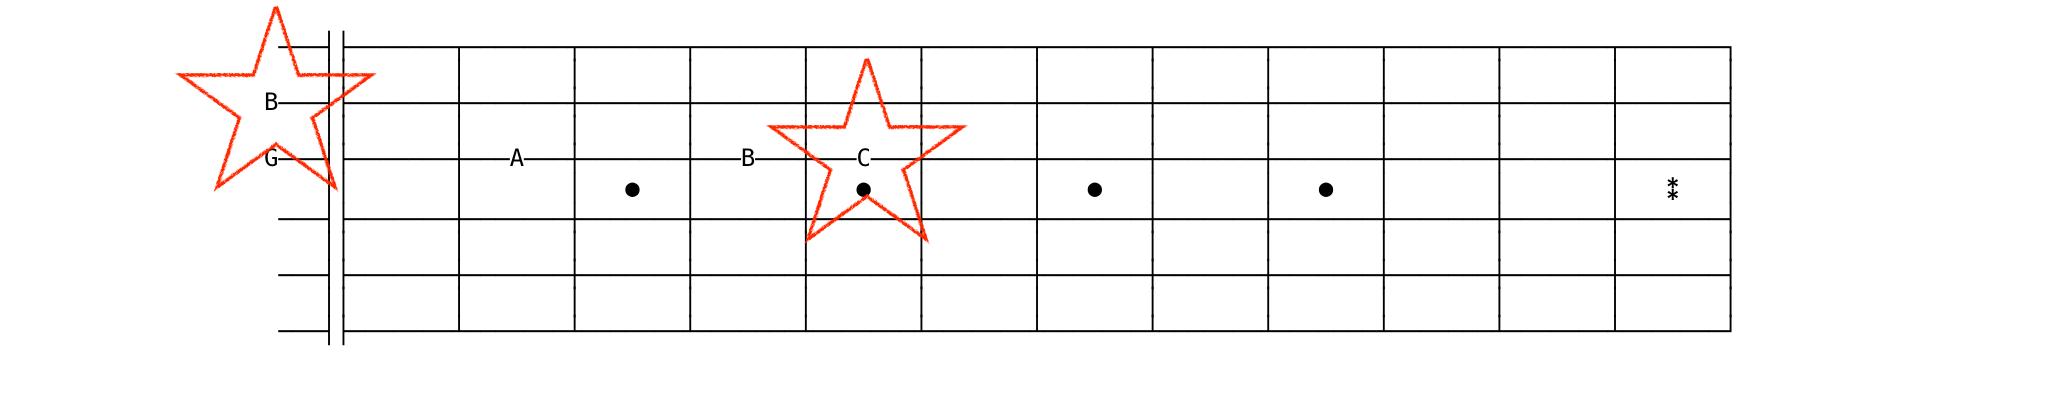 string 3 to string 2